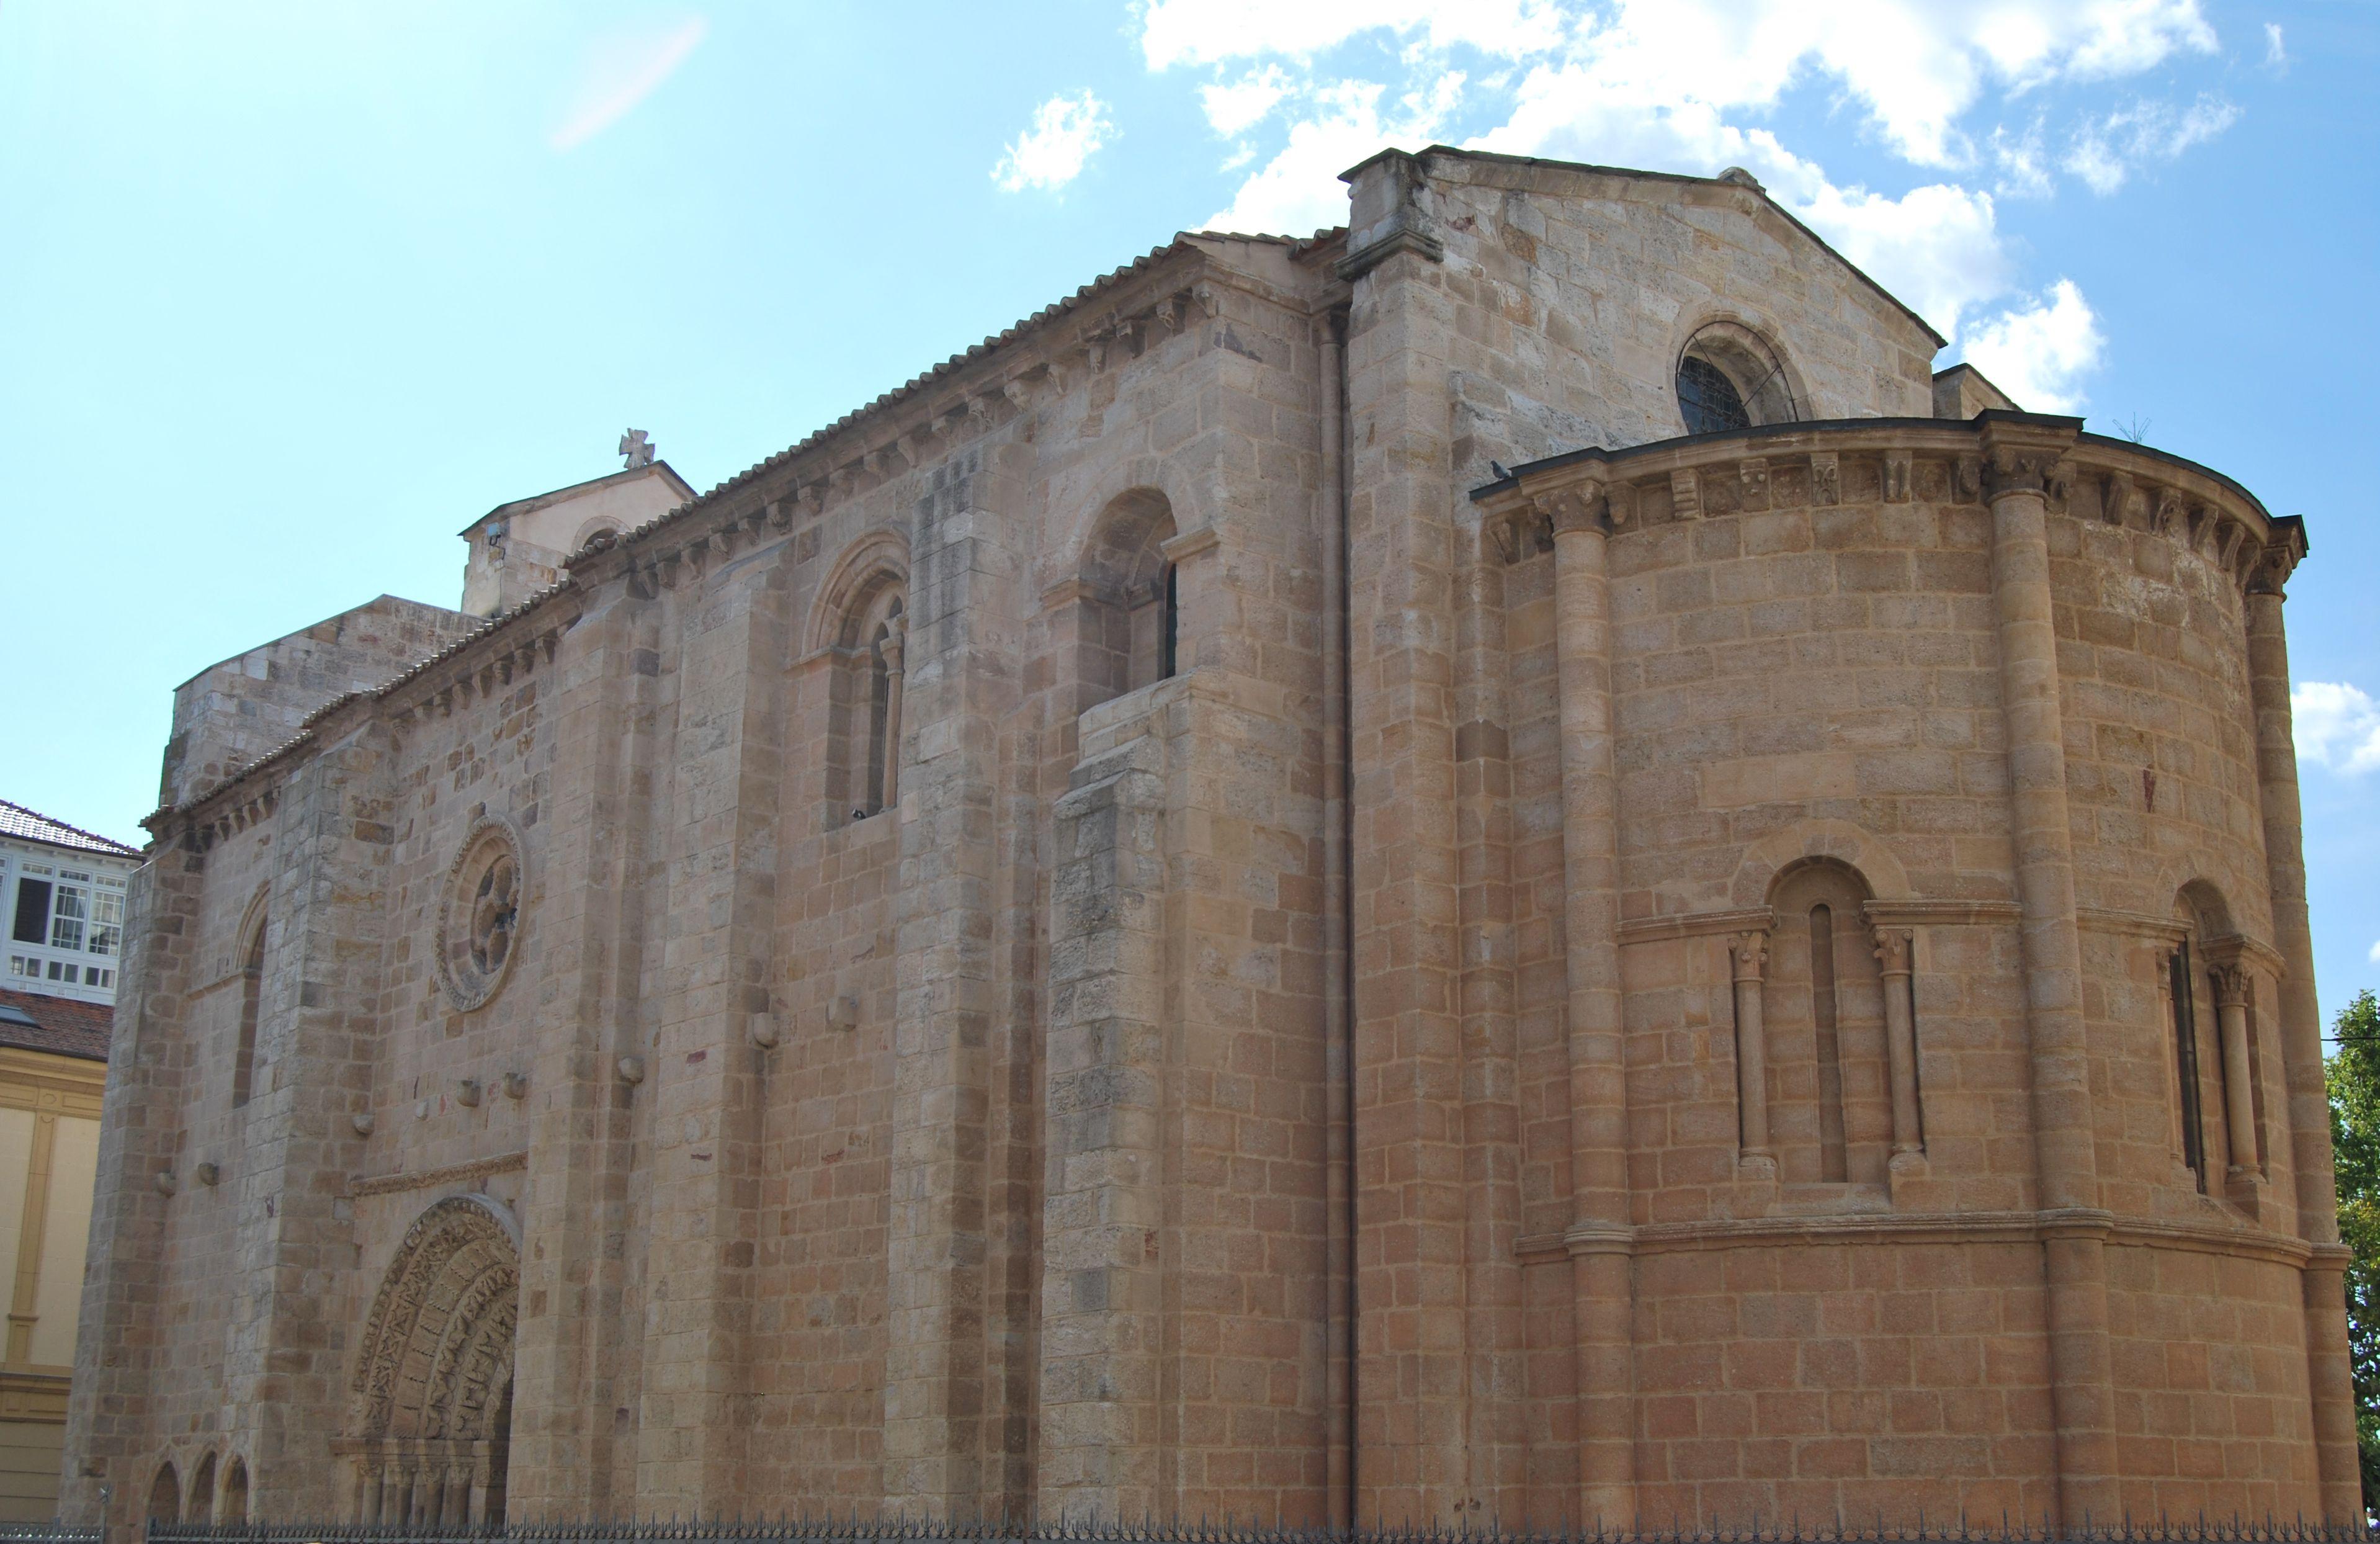 Iglesia de Santa María Magdalena en Zamora. Siglo XII Es una de las más interesantes del románico de Zamora. Según diversas investigaciones, este templo se relaciona con los Hospitalarios, los Templarios y también debió pertenecer a la Orden de San Juan de Jerusalén hasta el siglo XIX. Su construcción se debe al arquitecto Giral Fruchel, conocido por obras como la Catedral de Ávila.